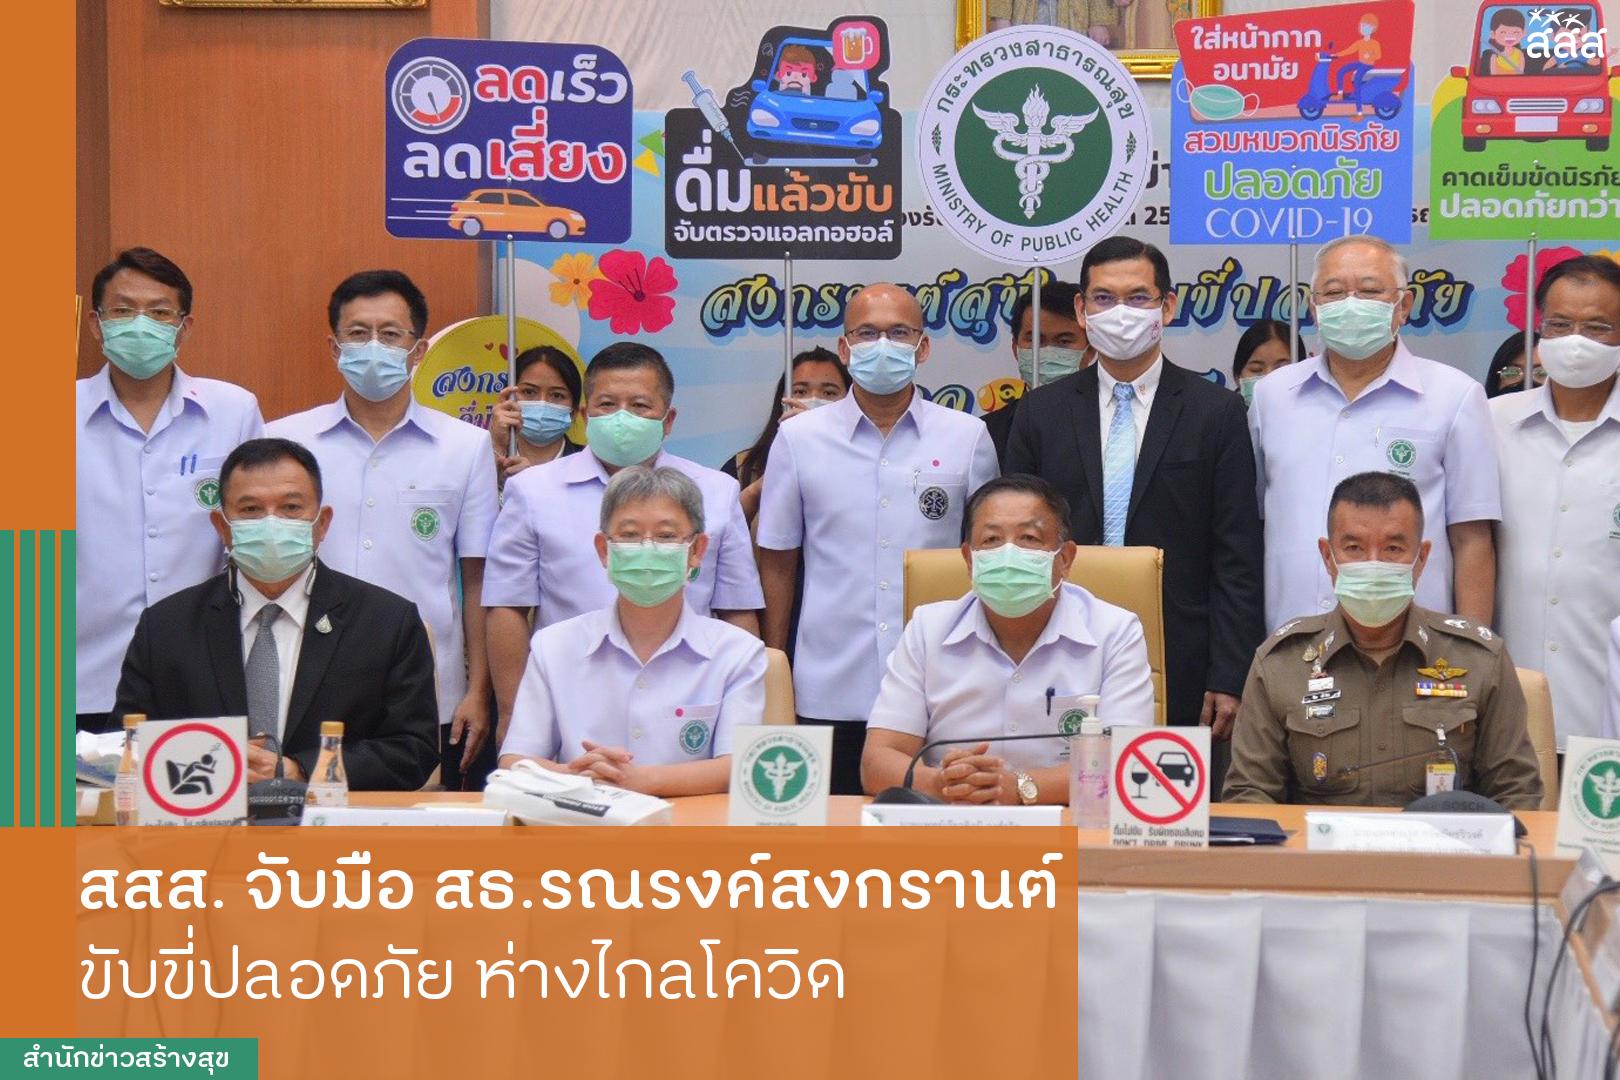 สสส. จับมือ สธ.รณรงค์สงกรานต์ขับขี่ปลอดภัย ห่างไกลโควิด thaihealth